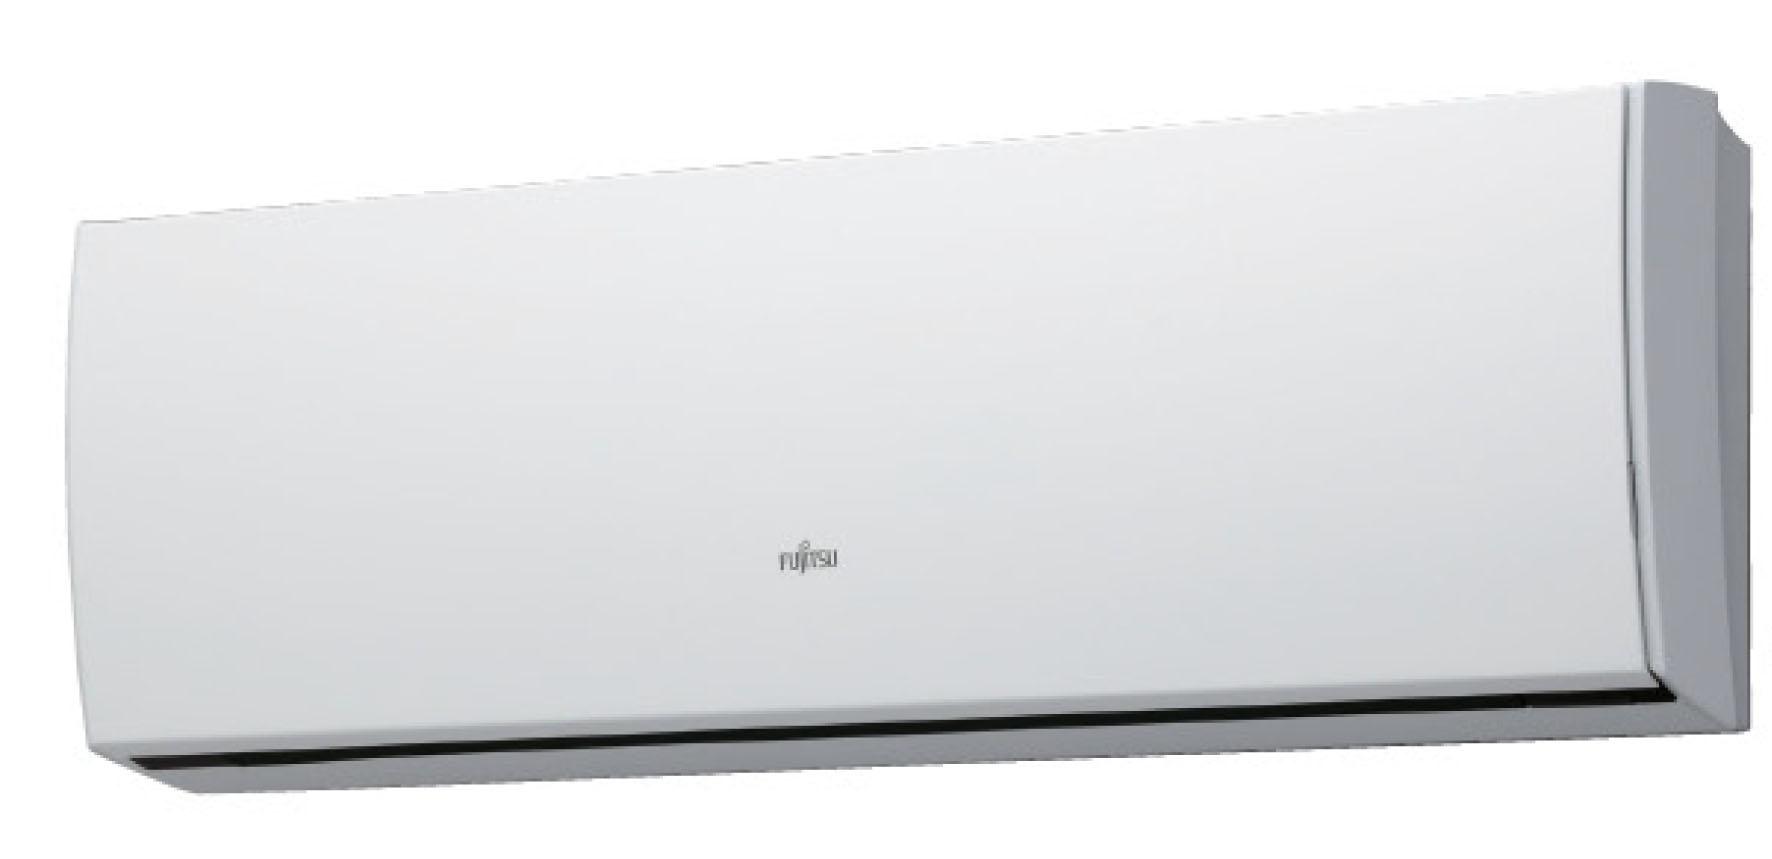 приборы для охлаждения